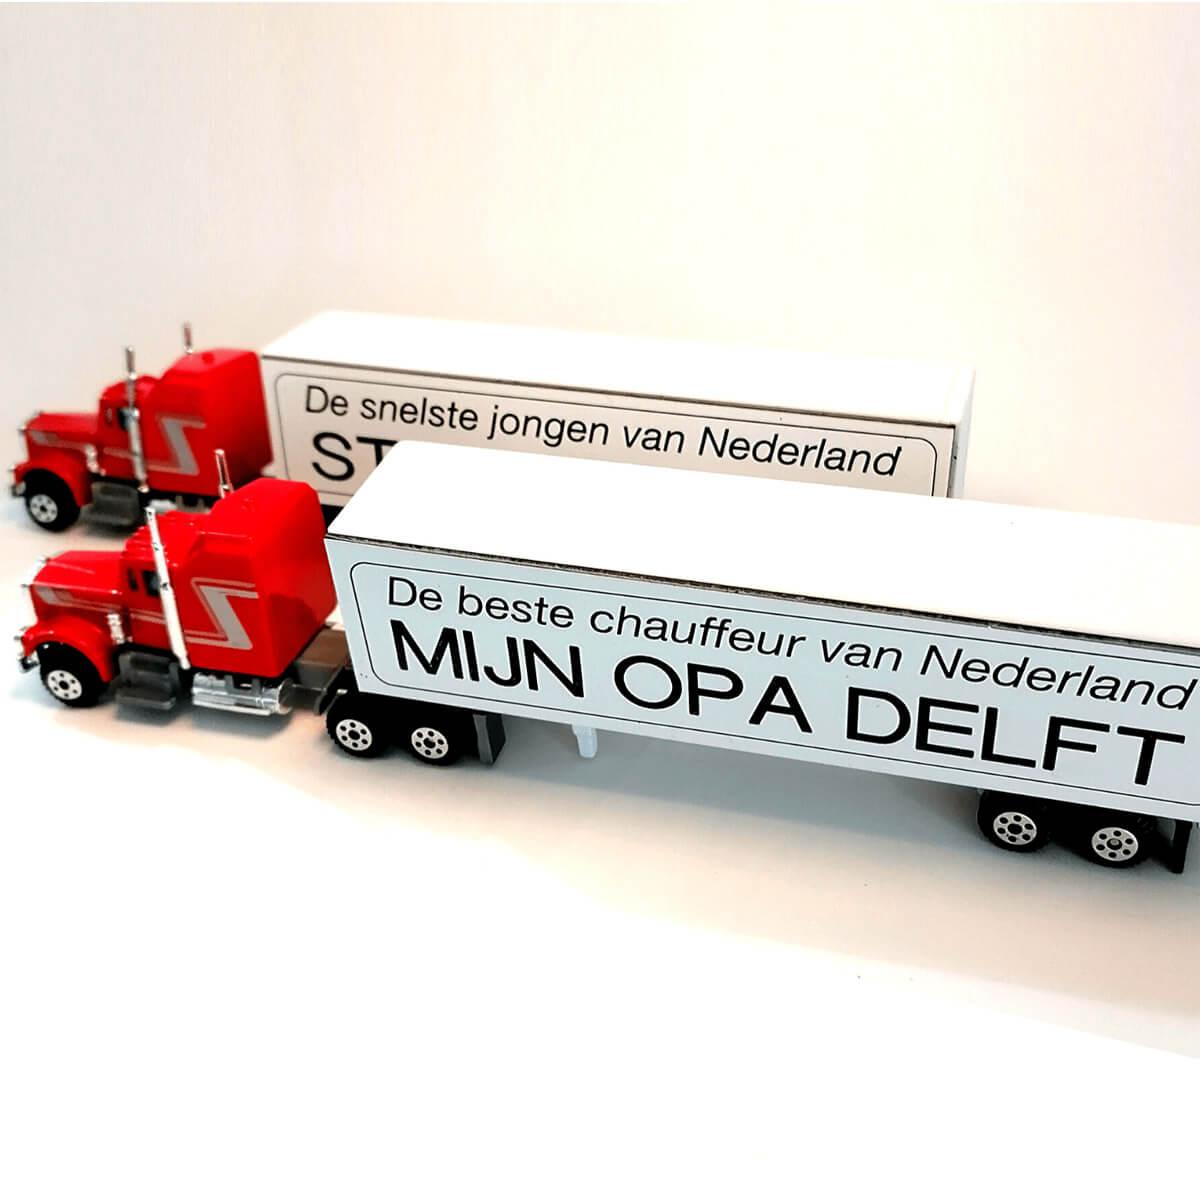 Vrachtwagenchauffeur cadeau idee / tip: Vrachtwagen met oplegger met tekst gravering